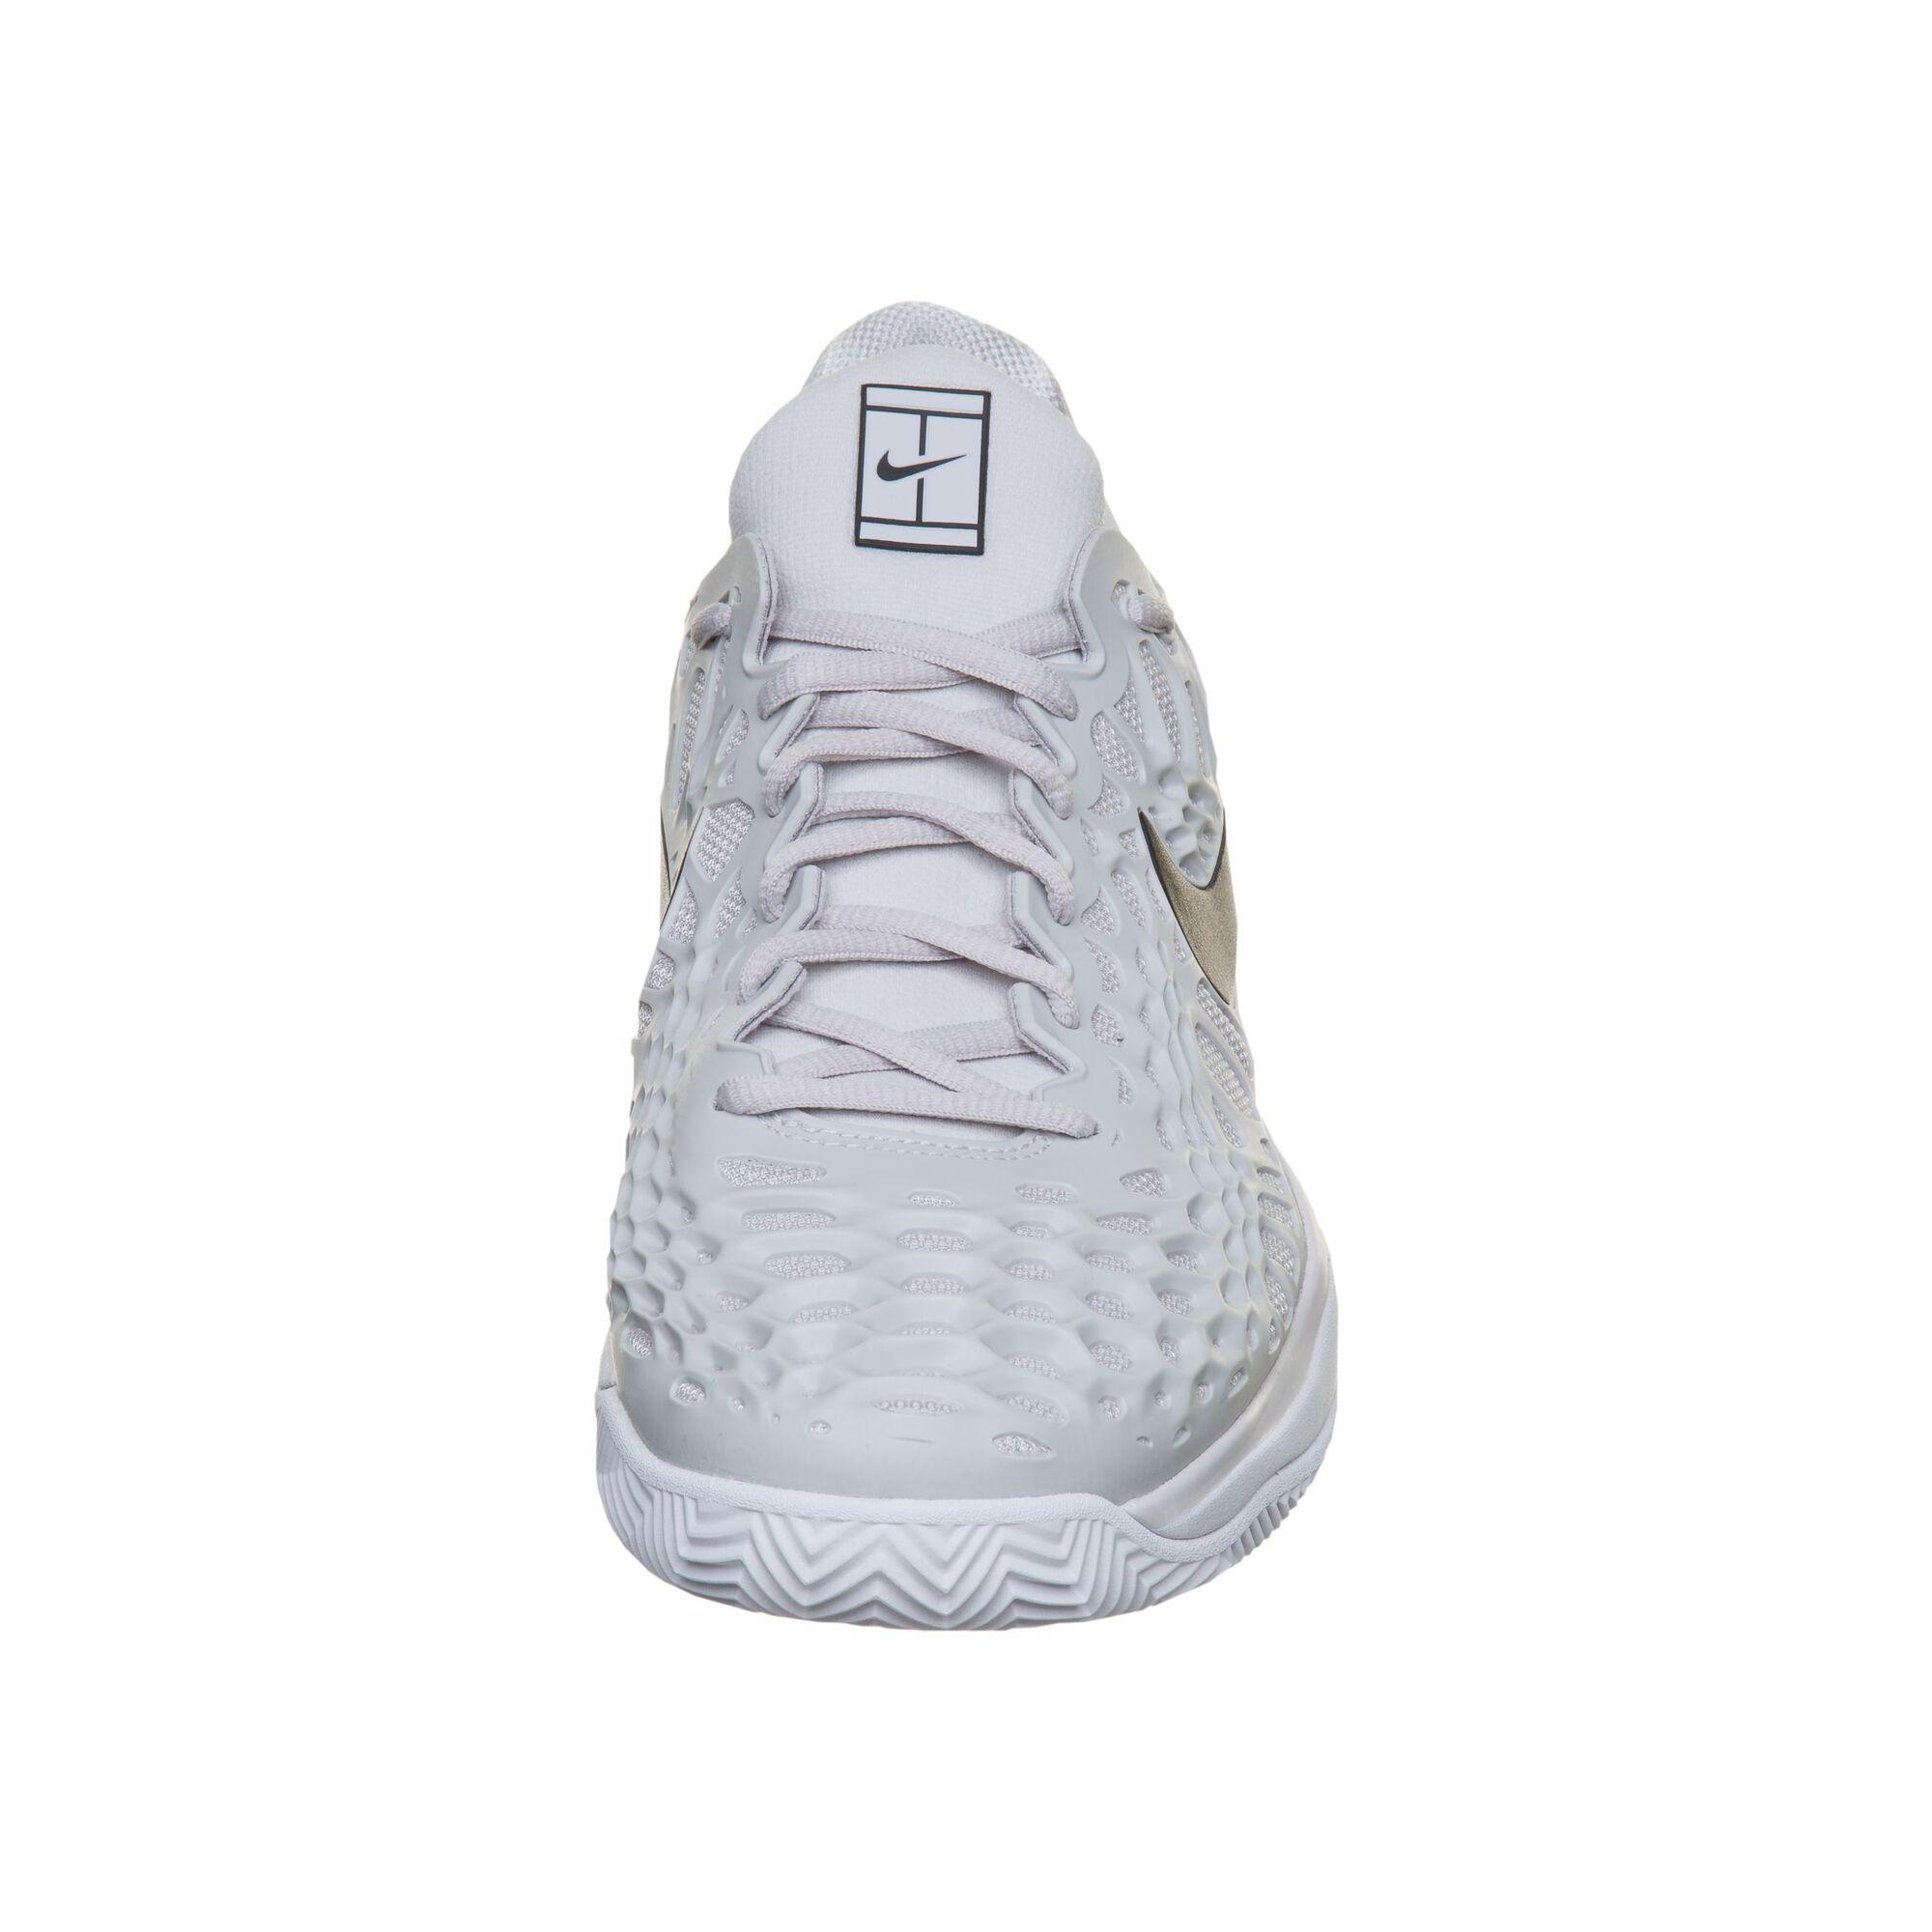 best website d5367 71992 ... Nike · Nike · Nike · Nike. Air Zoom Cage ...